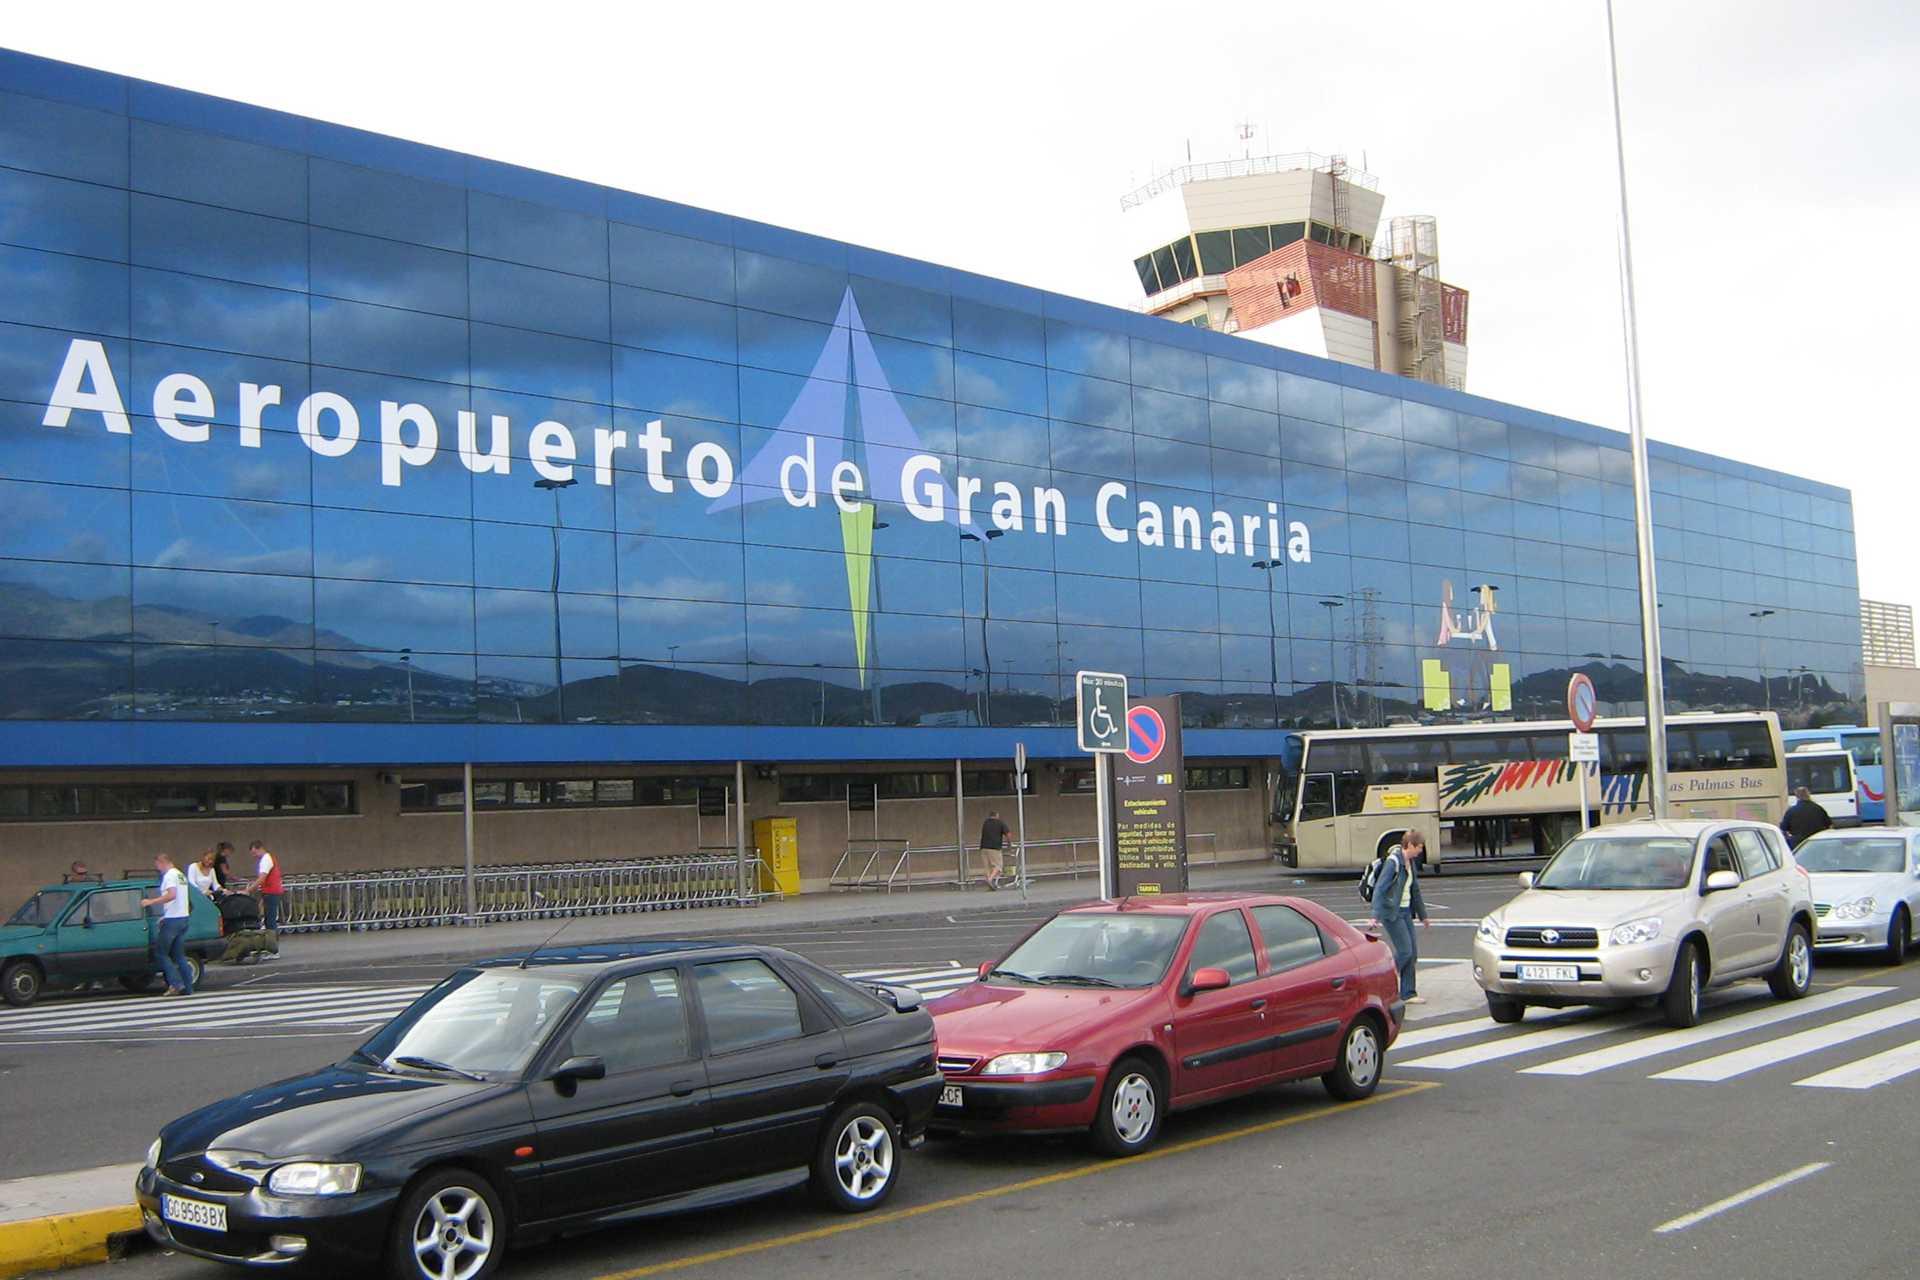 Taxikosten gran canaria flughafen transfer canary taxi bus - Taxi puerto rico gran canaria ...